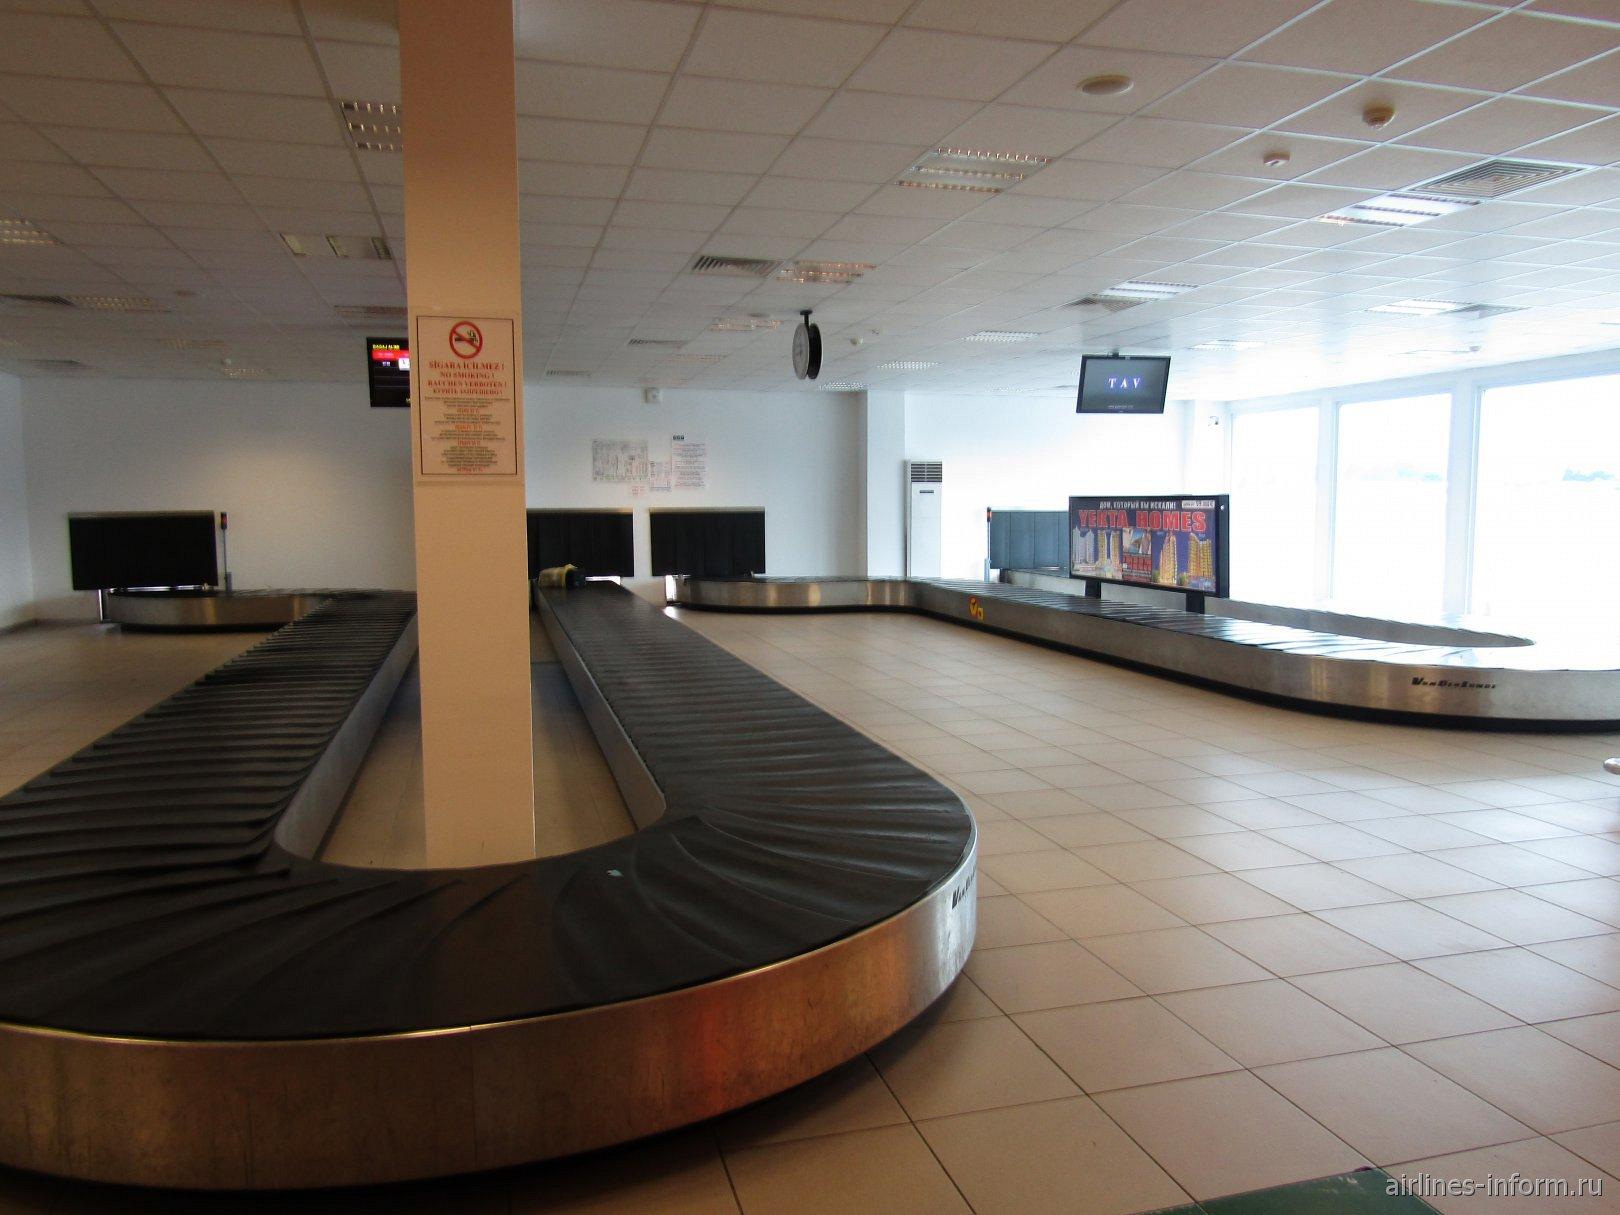 Зона выдачи багажа в аэропорту Алания Газипаша